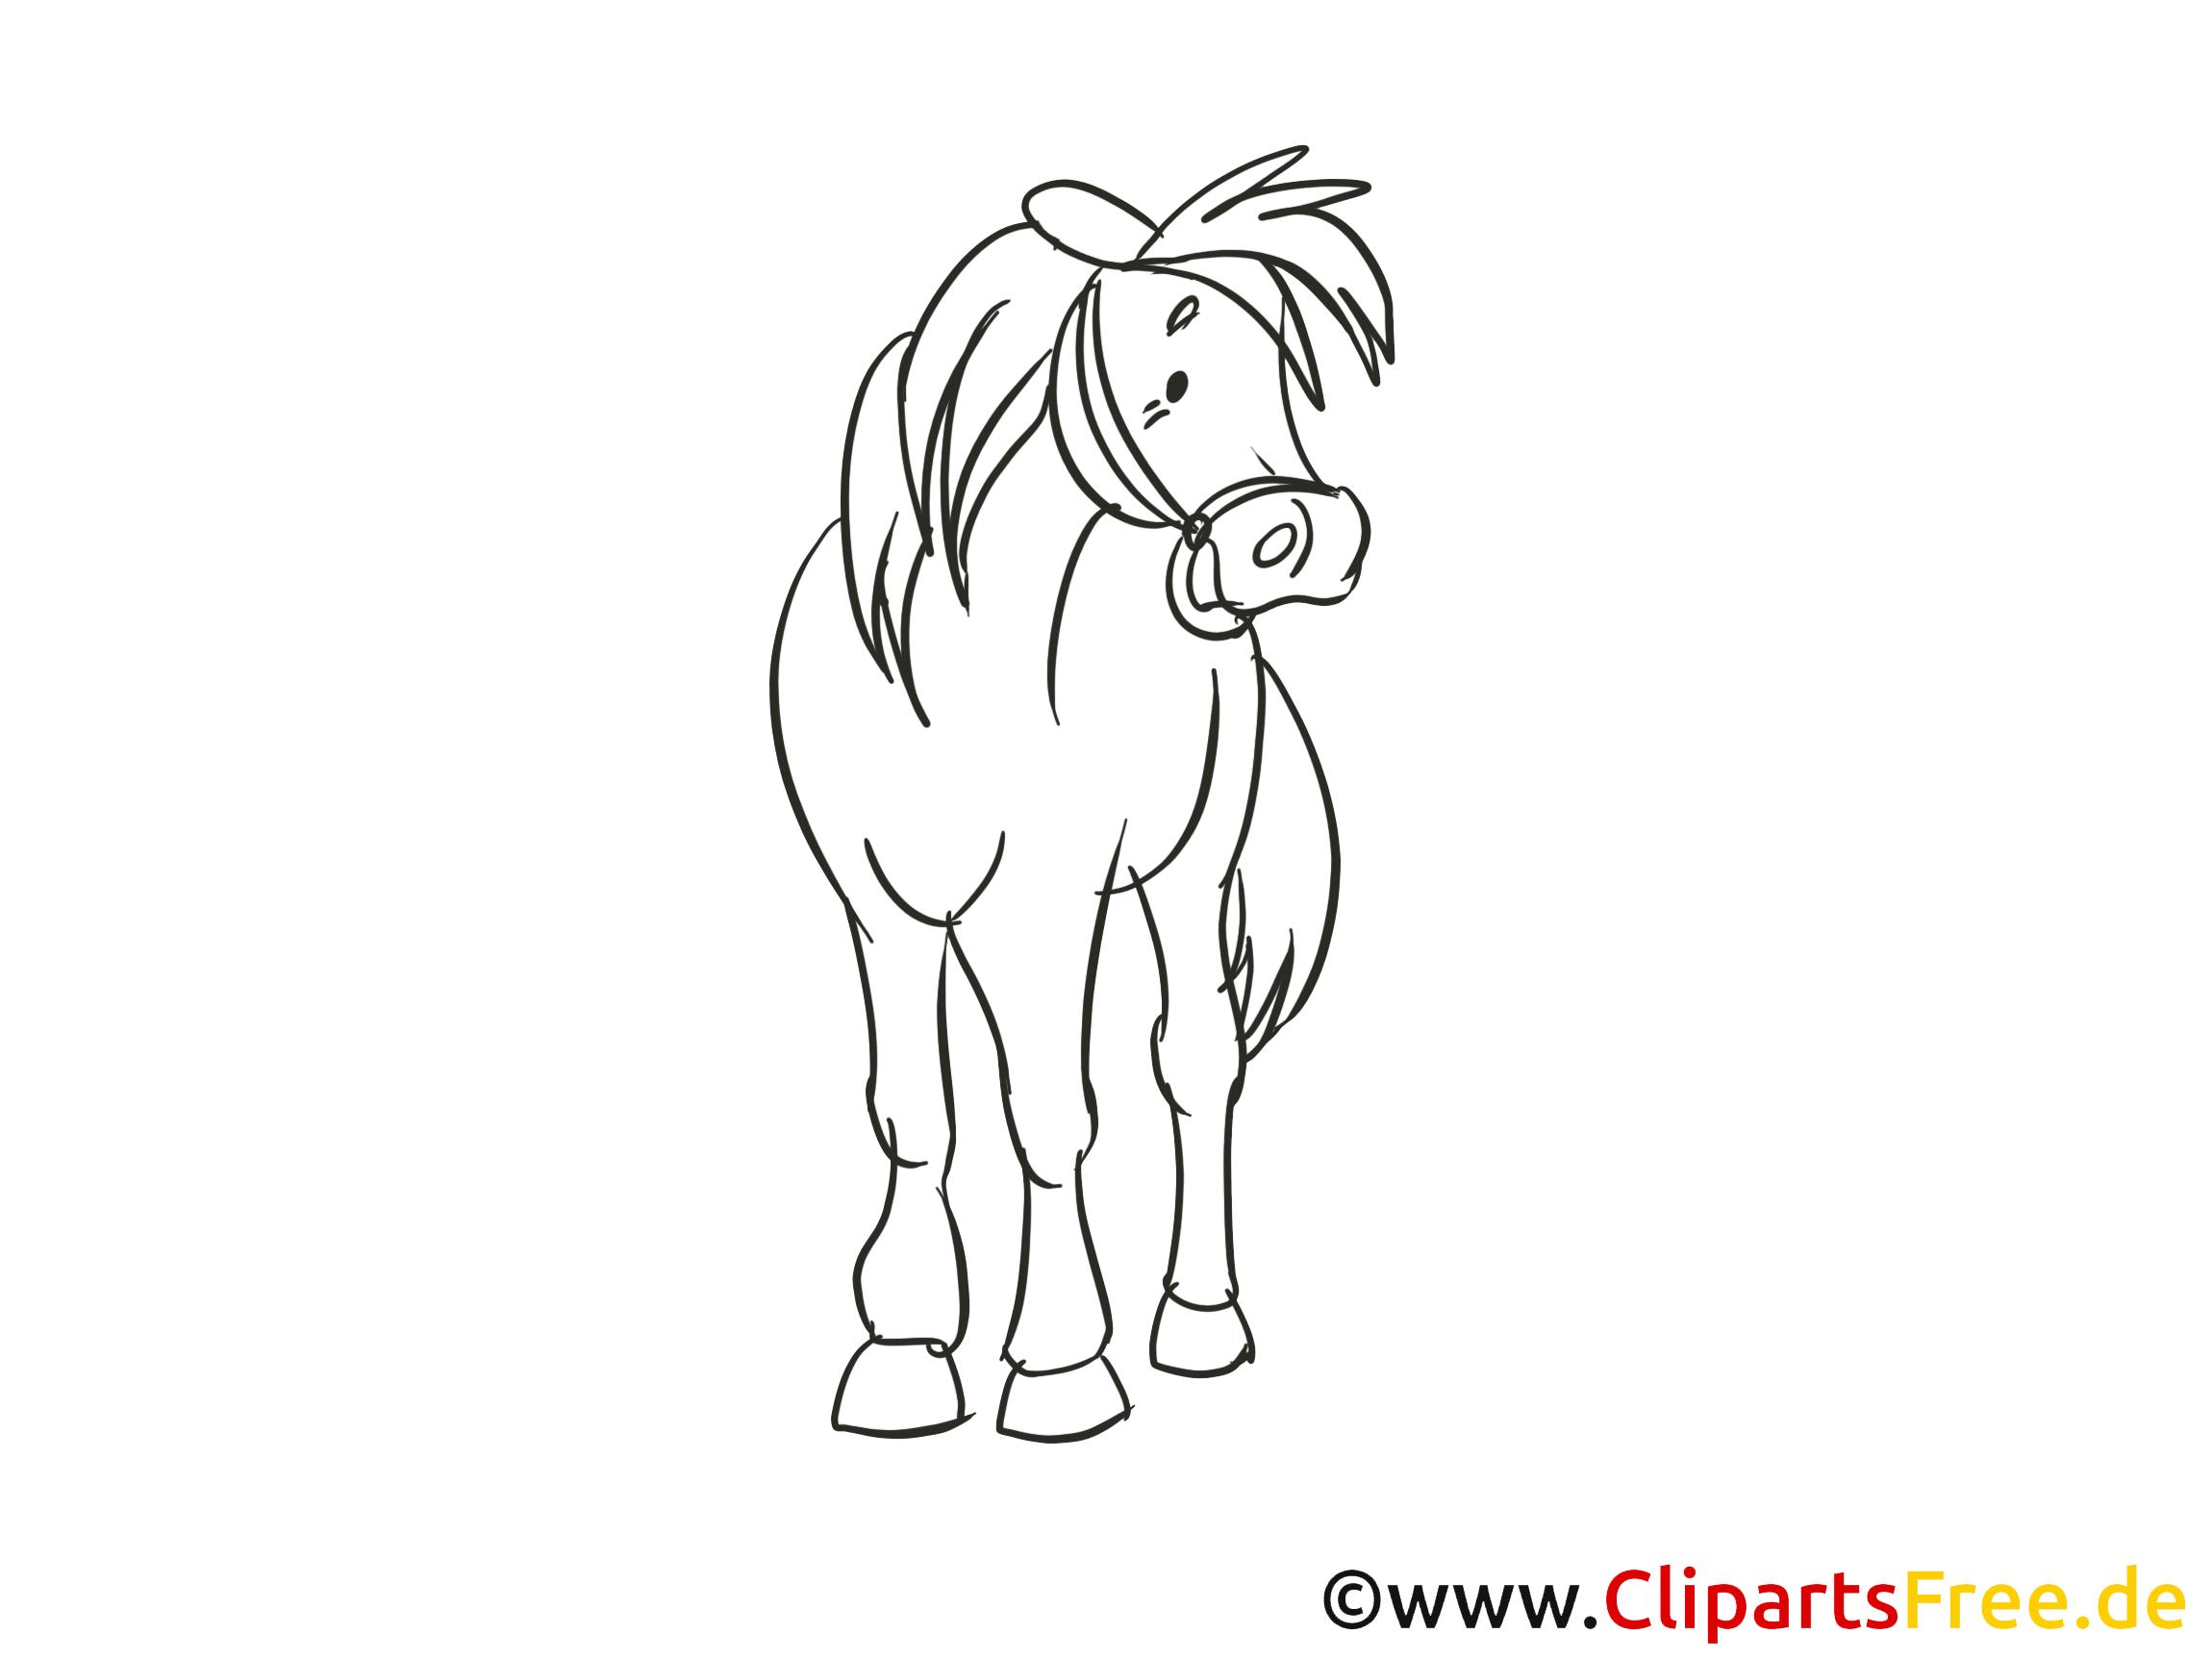 Cheval illustration à colorier gratuite